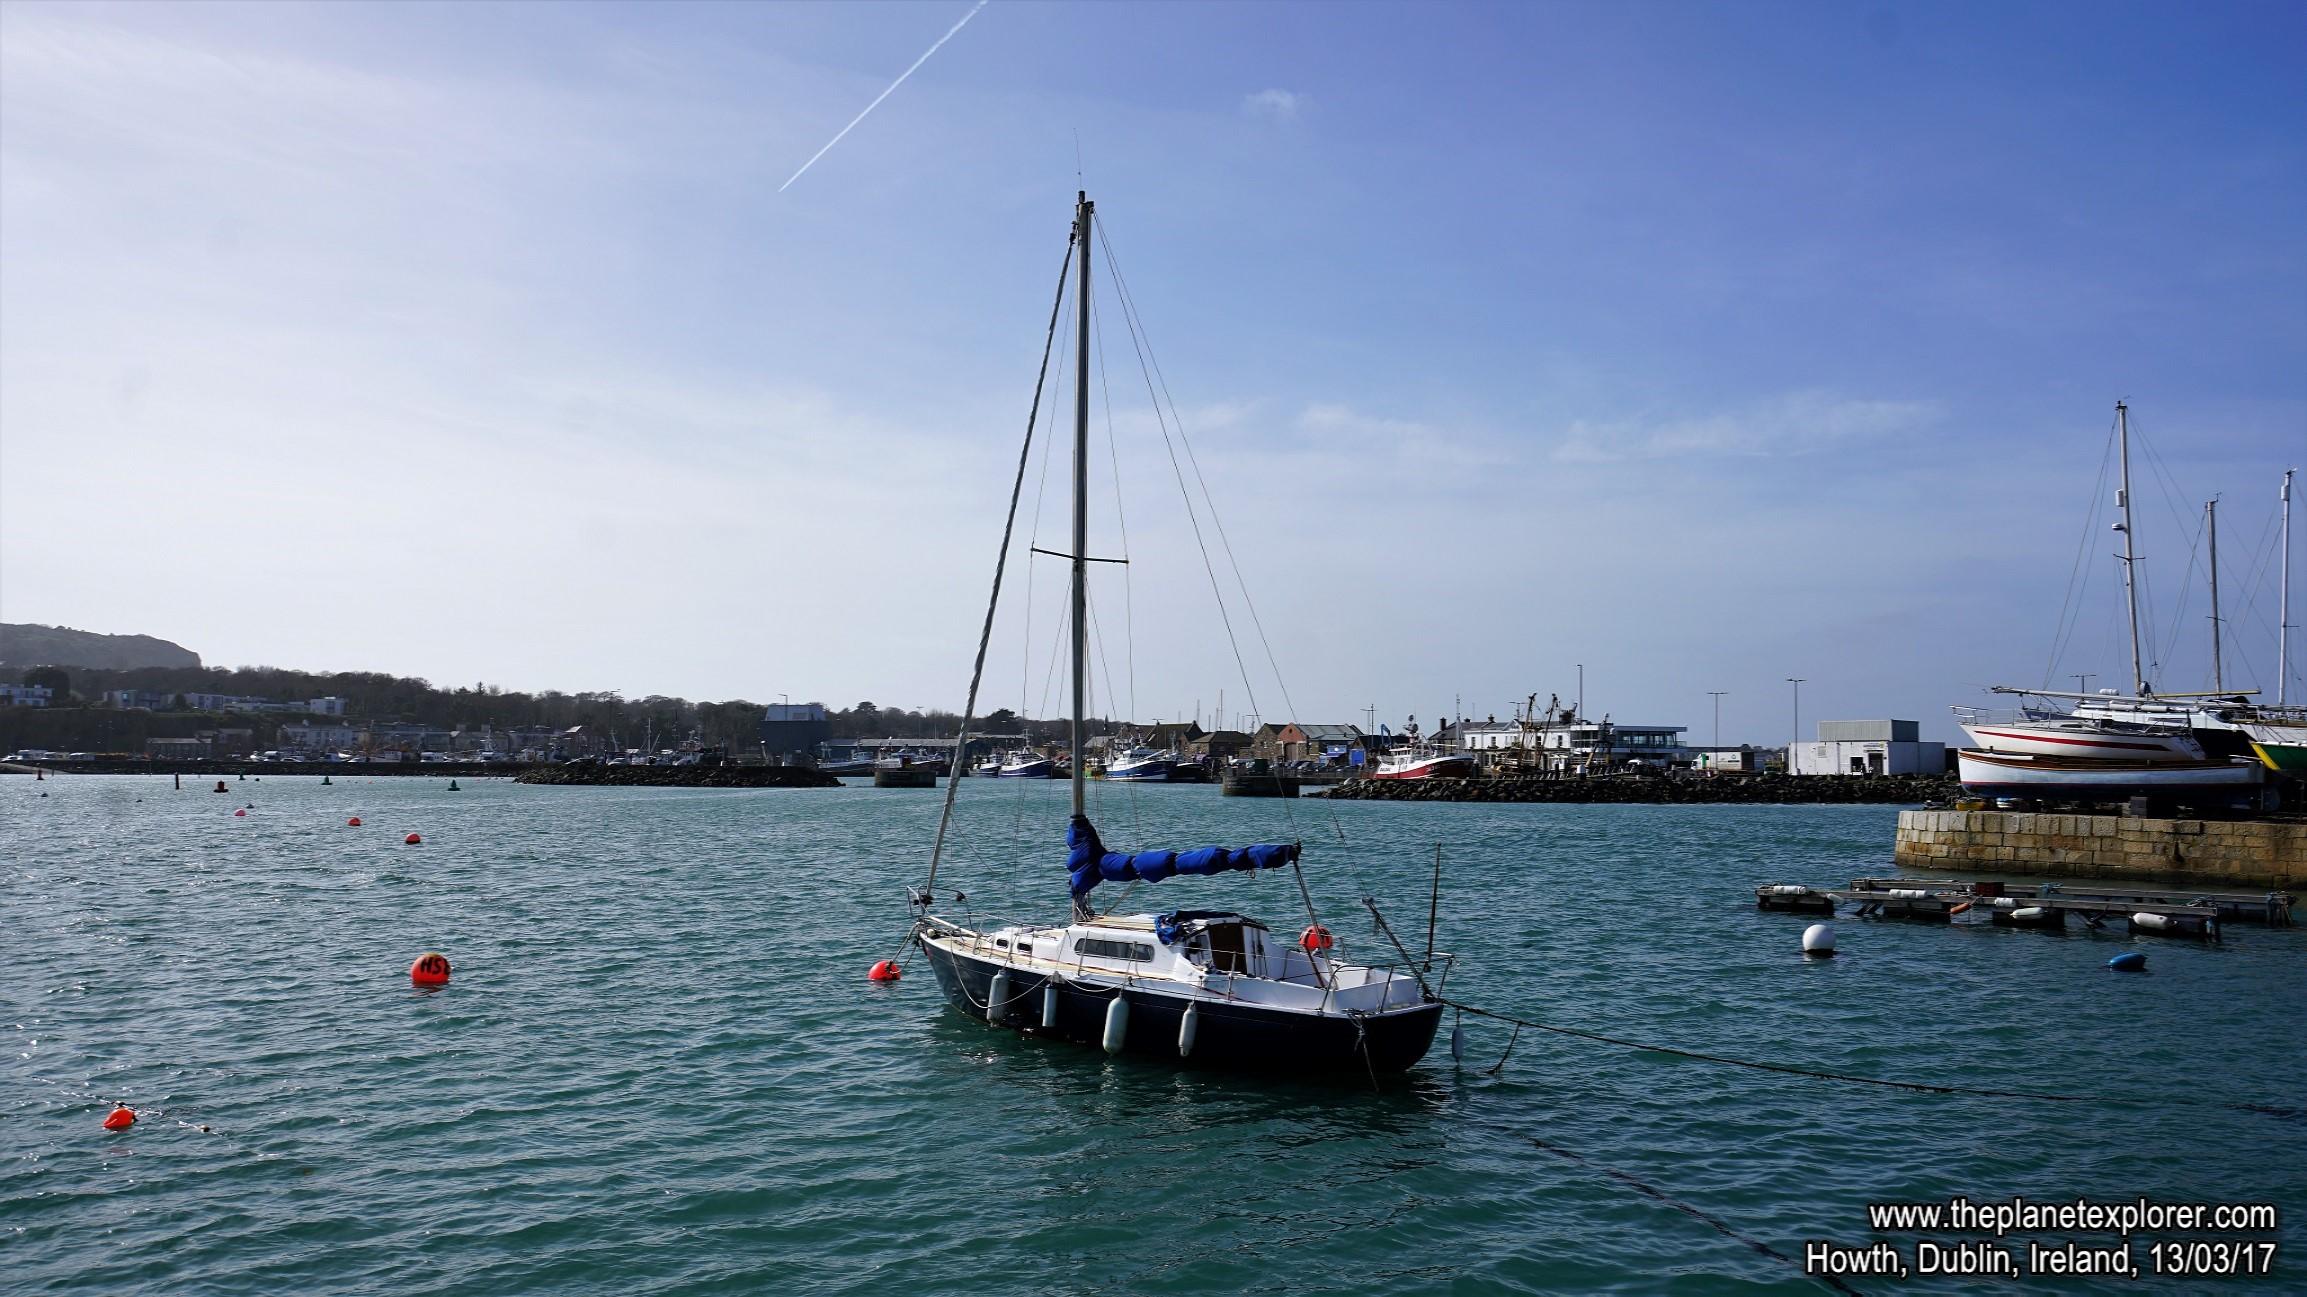 2017-03-13_1255_Ireland_Dublin_Howth_Boat_DSC08291_s7R2_LR_@www